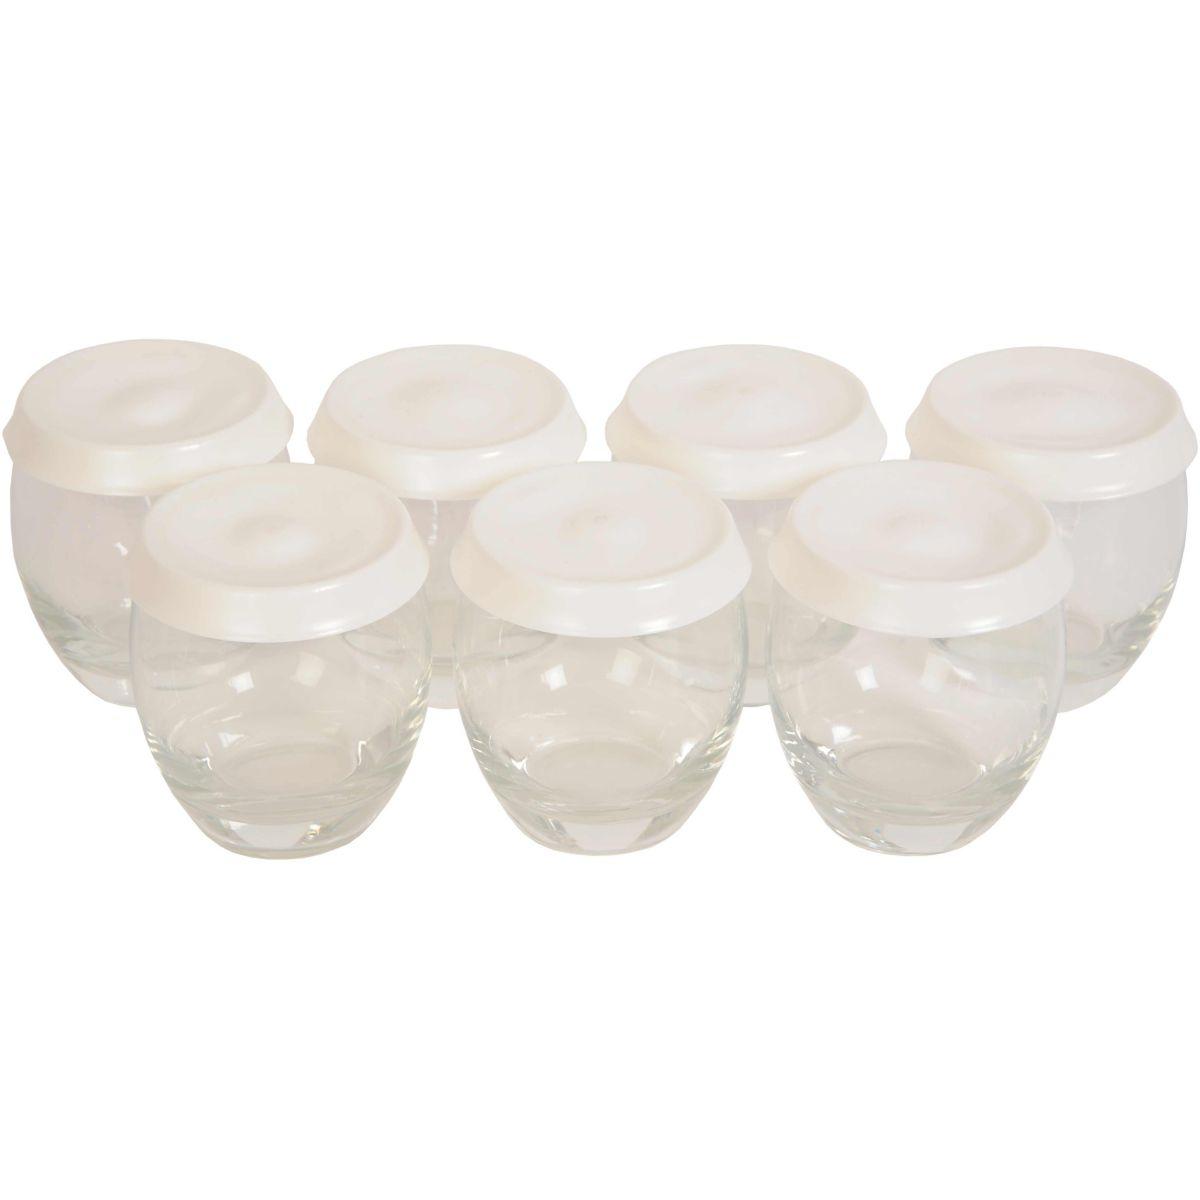 Pots seb x7 pots en verre couvercle pour - 5% de remise immédiate avec le code : cool5 (photo)